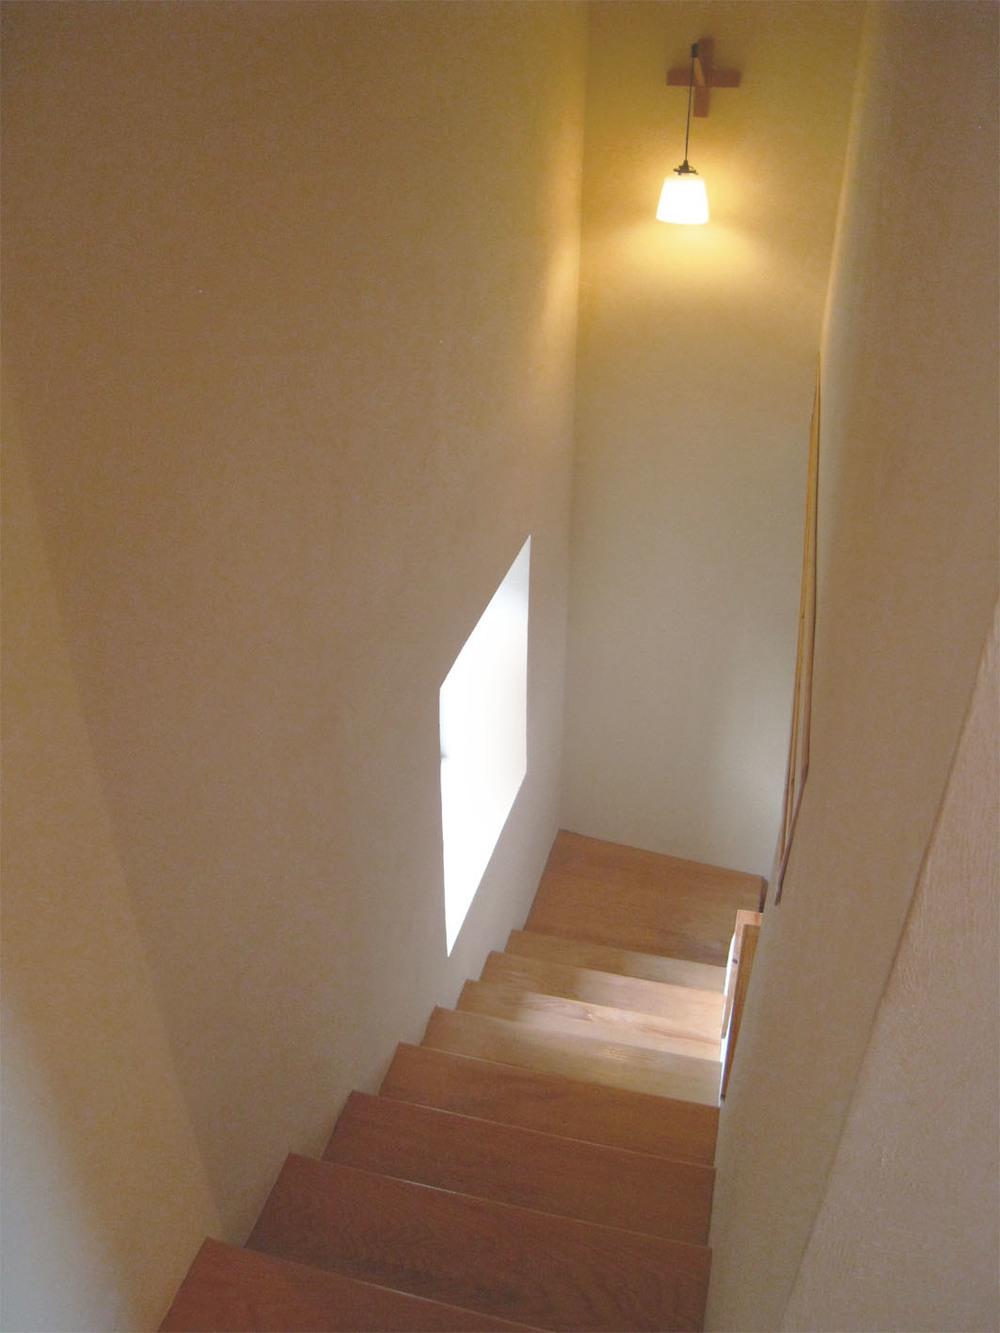 Int. escaliers.jpg